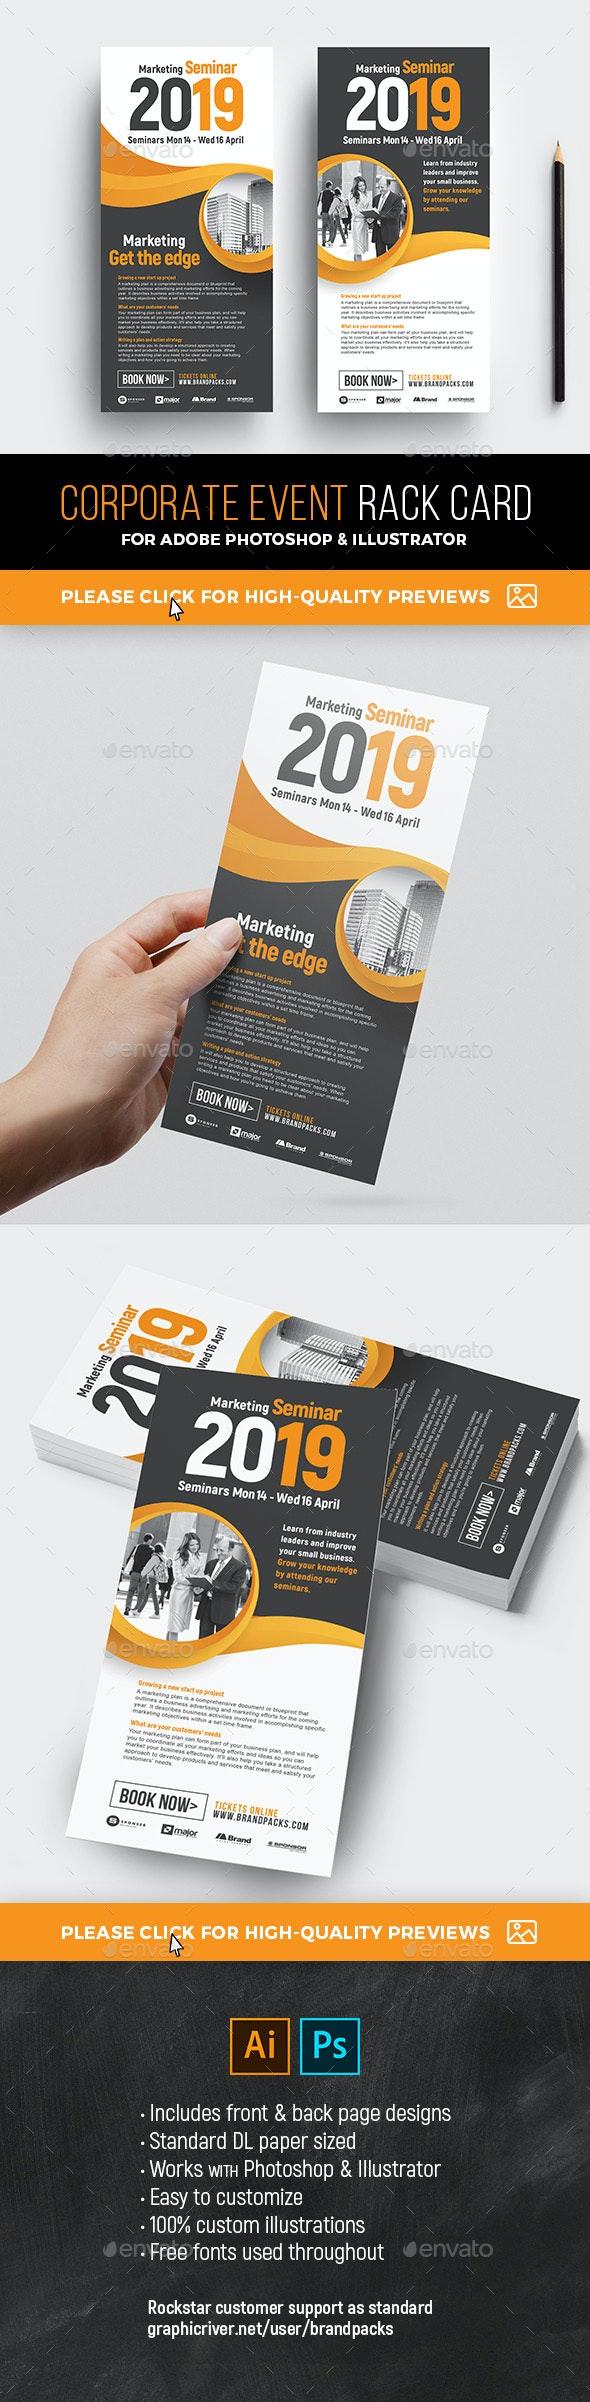 Corporate Event Rack Card Template - Corporate Flyers